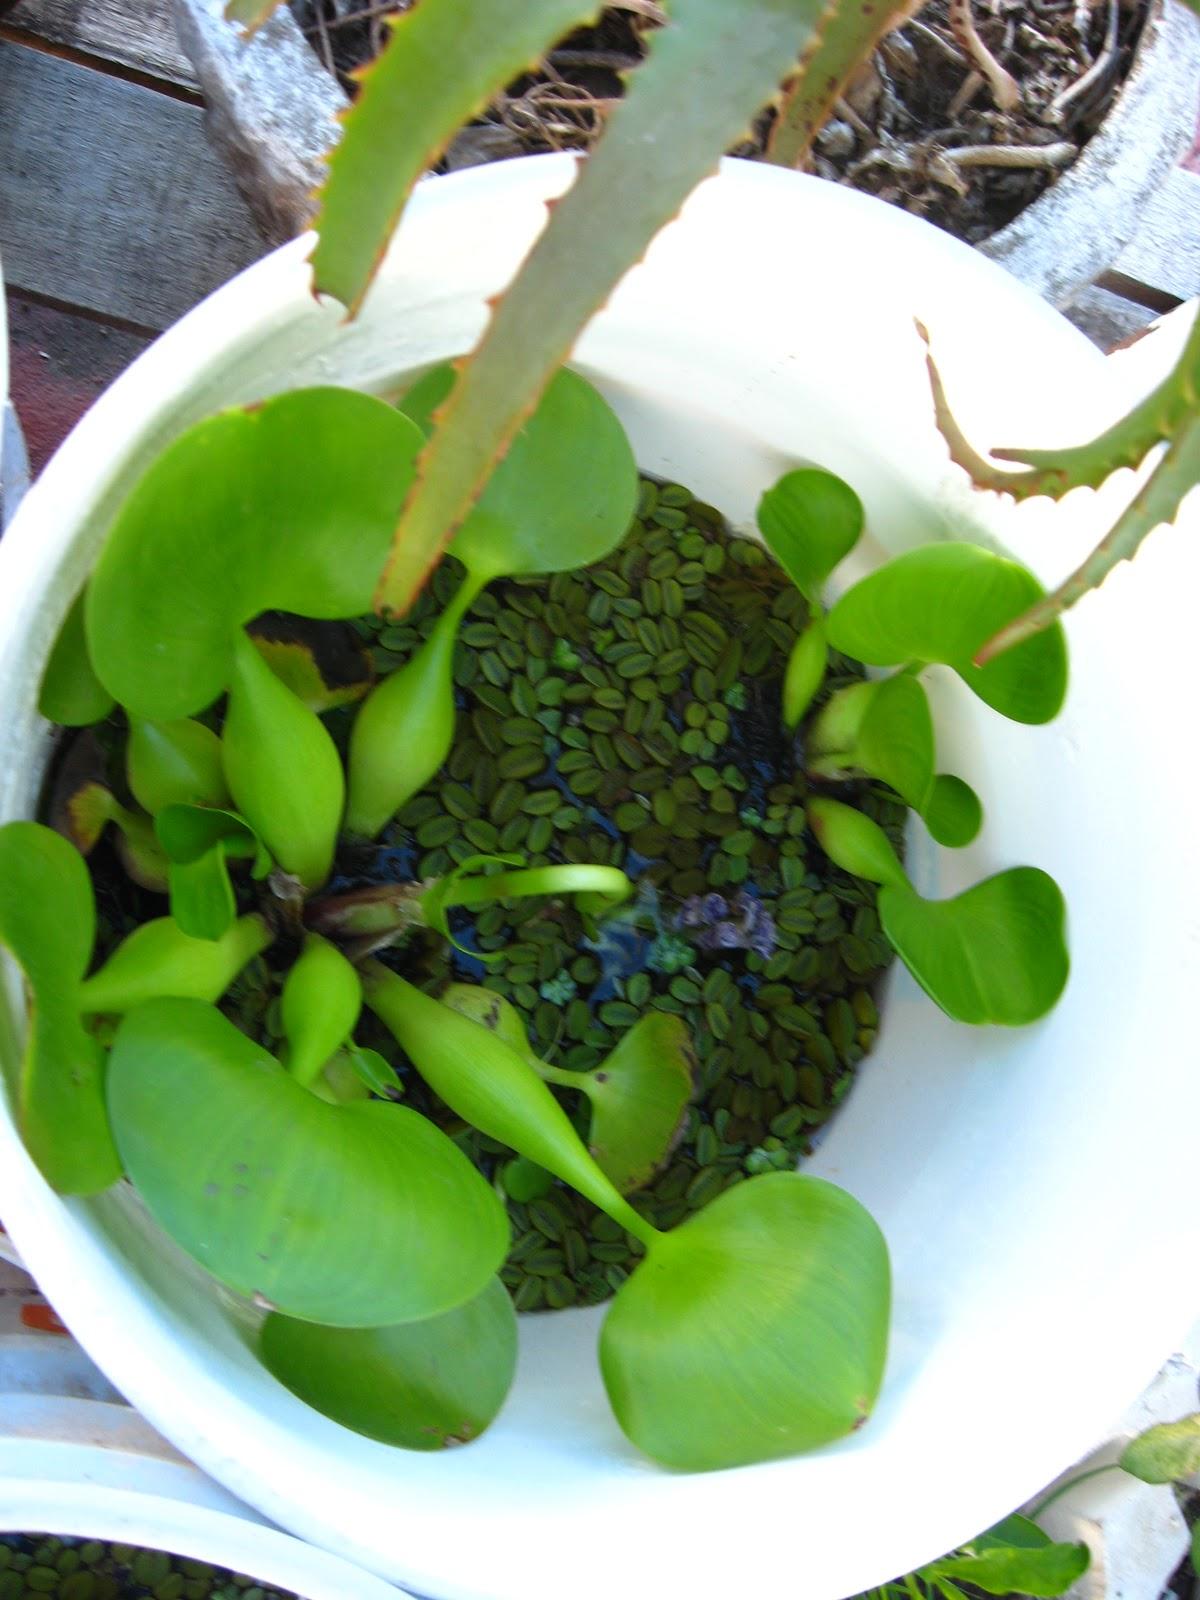 Huerta terrazera estanque y plantas acuaticas for Plantas estanque